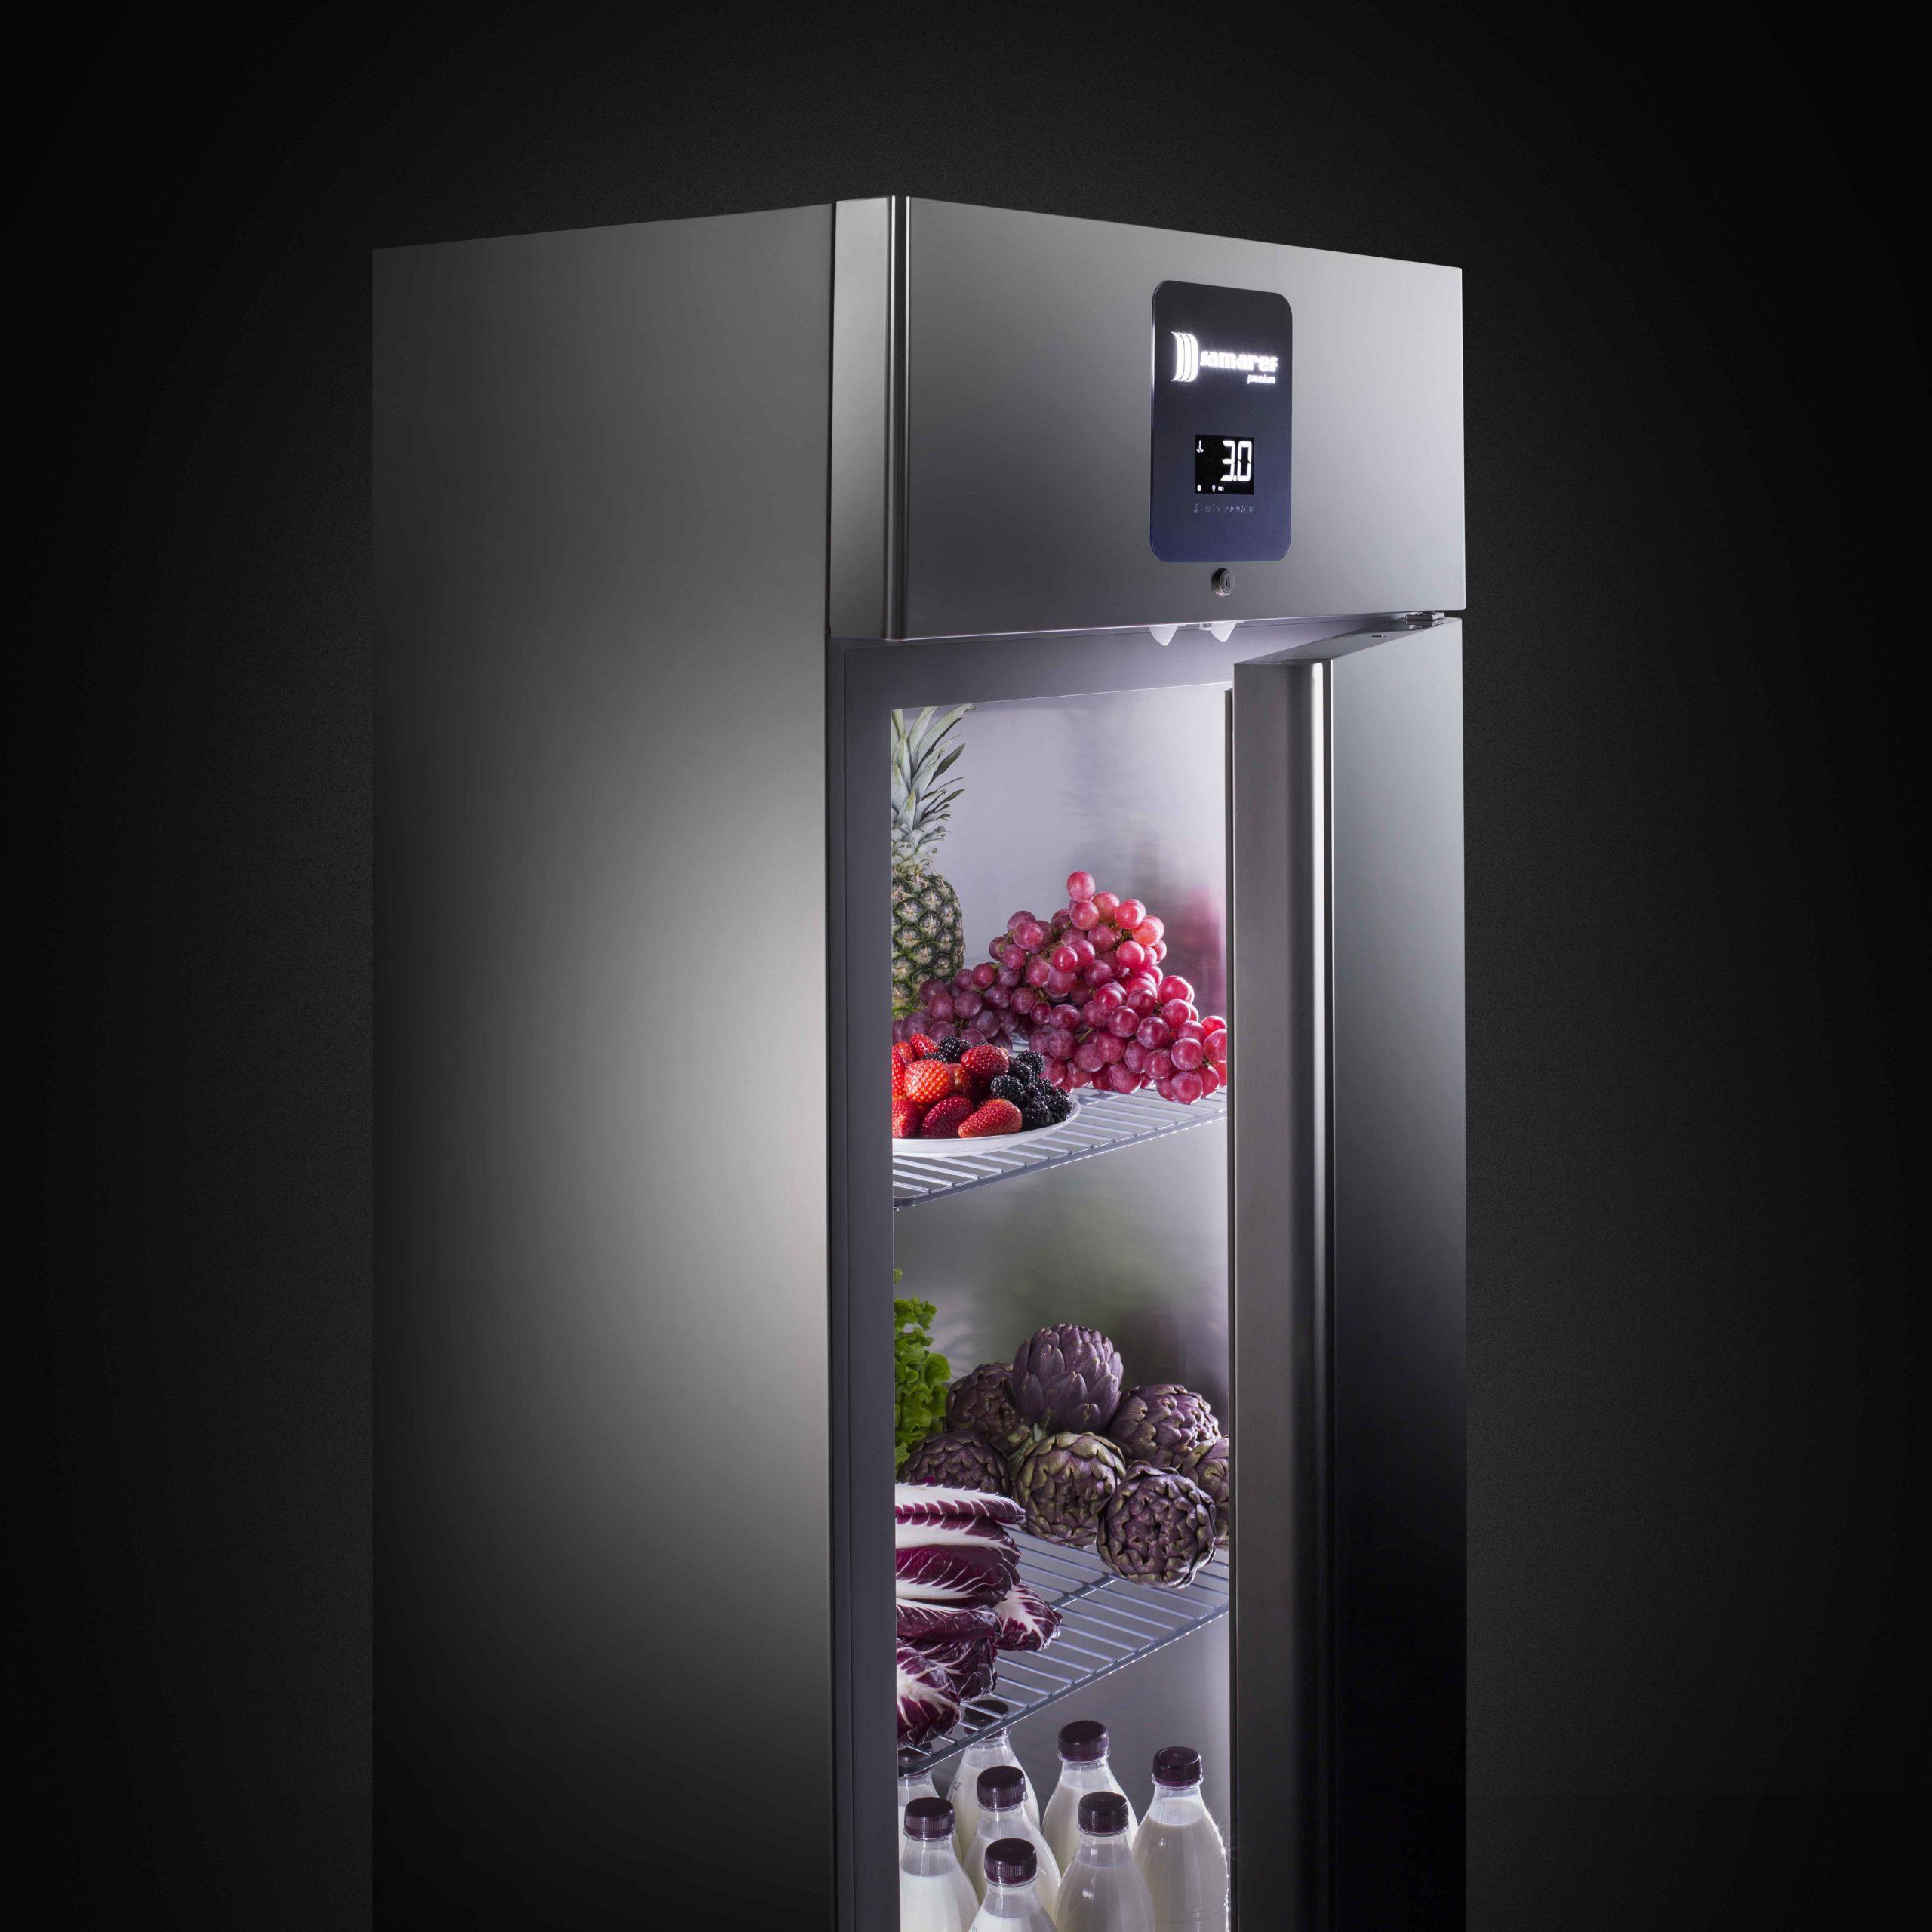 frigorifique-glace-sorbet-samaref-france-sopro.tif